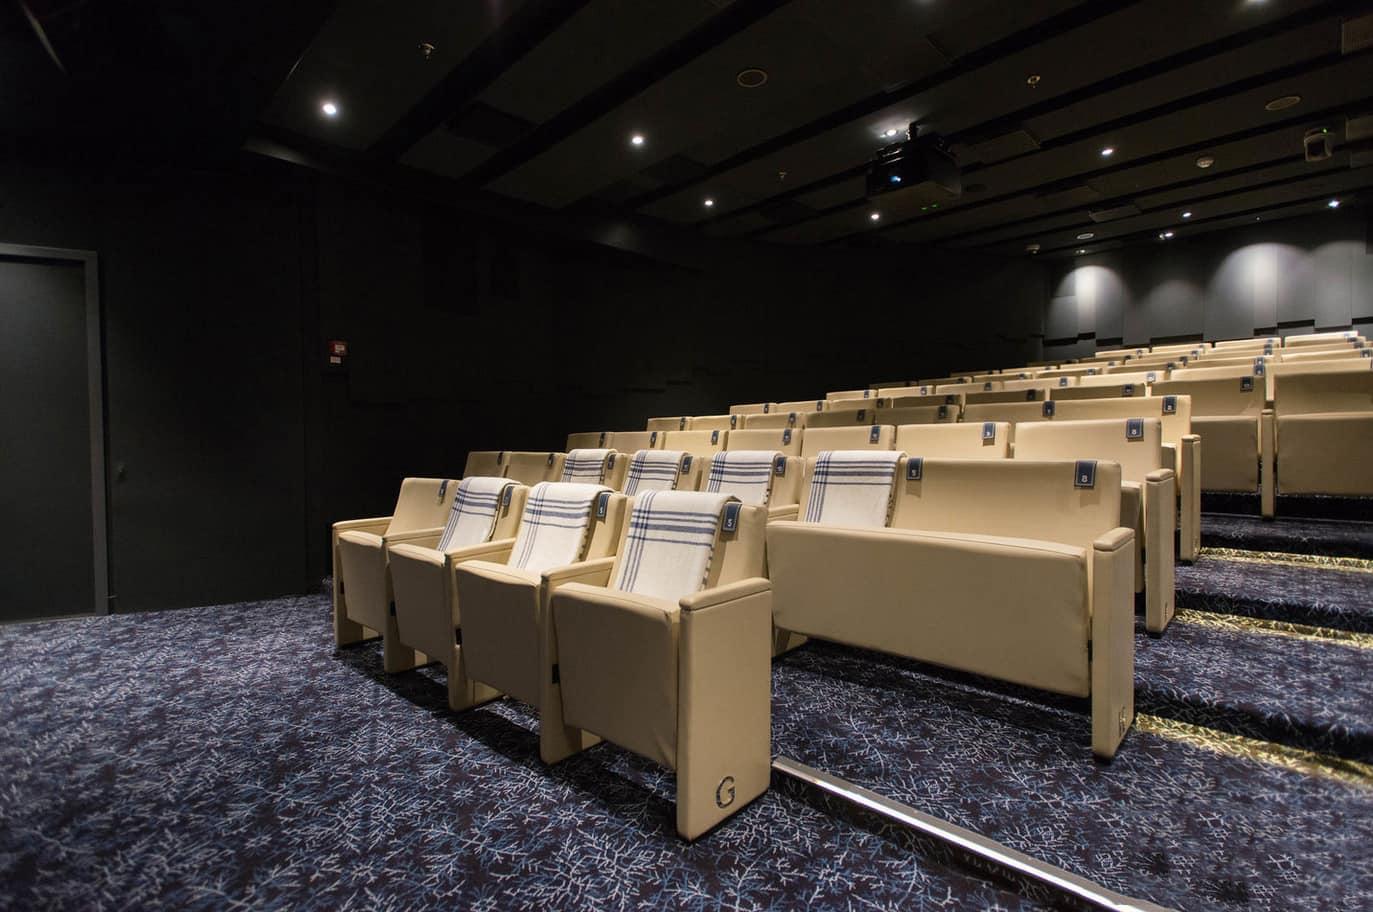 Sala cinema - Viking Star